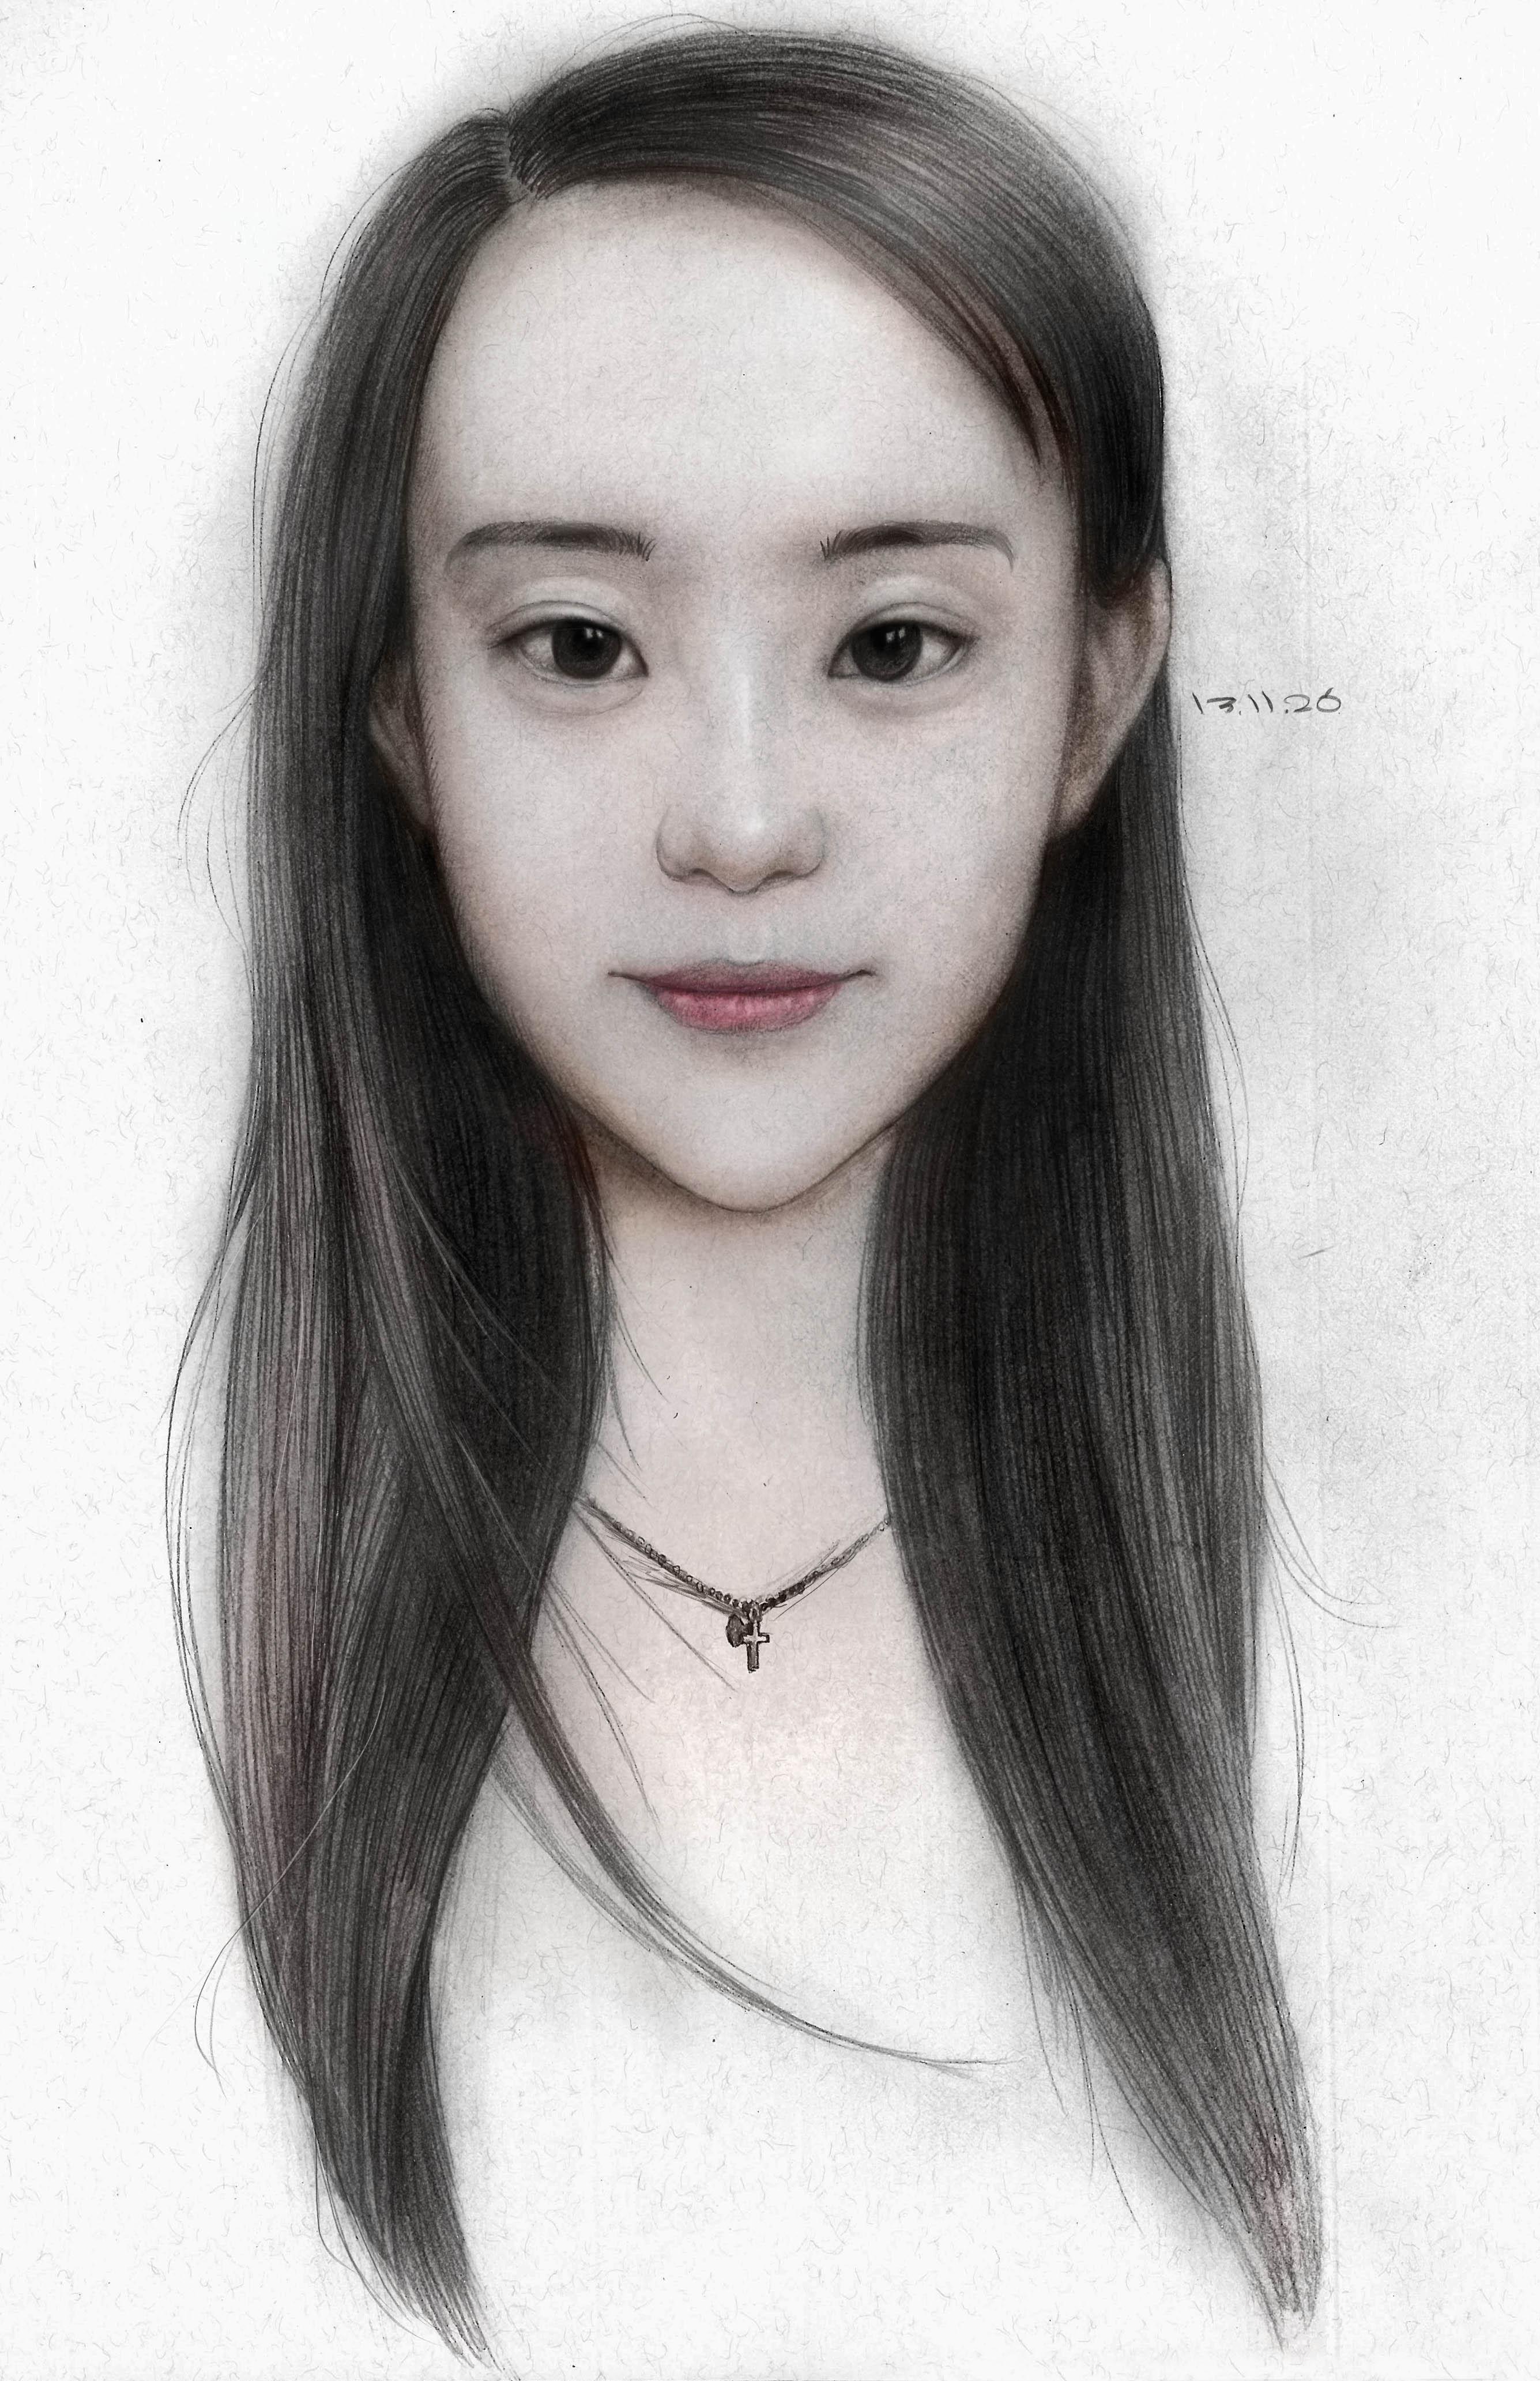 人物肖像 吴桐 素描 速写 |动漫|肖像漫画|jiede